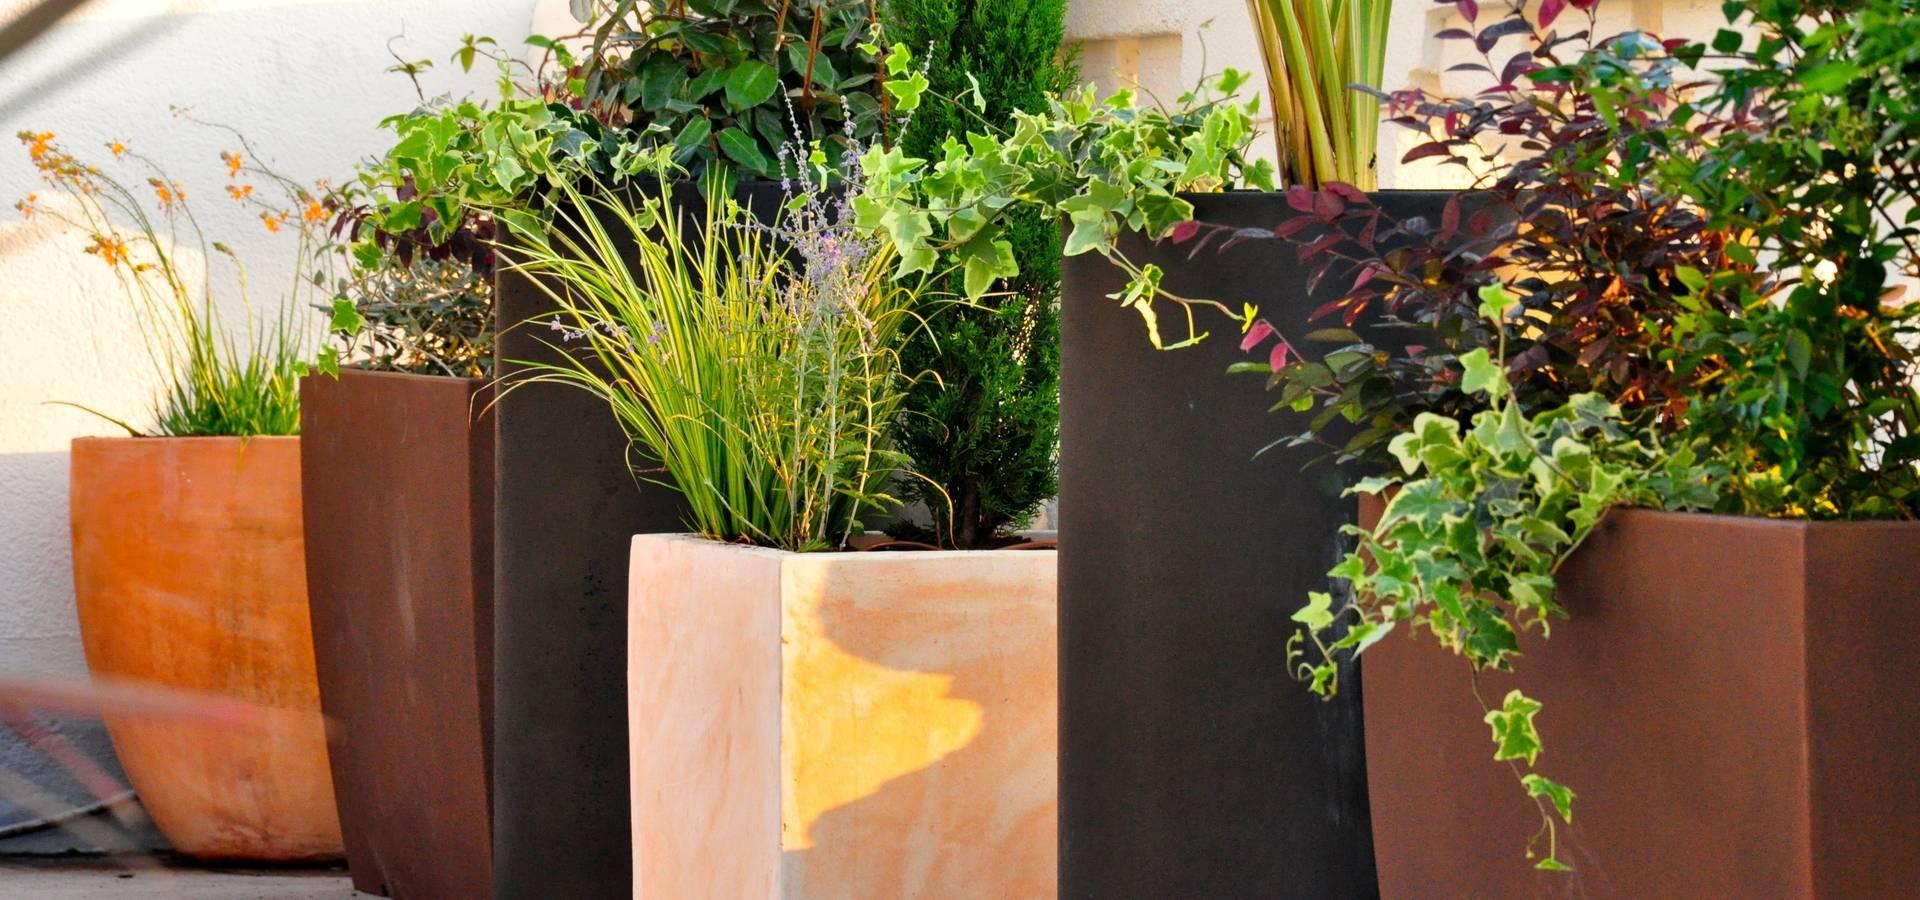 ésverd – jardineria & paisatgisme